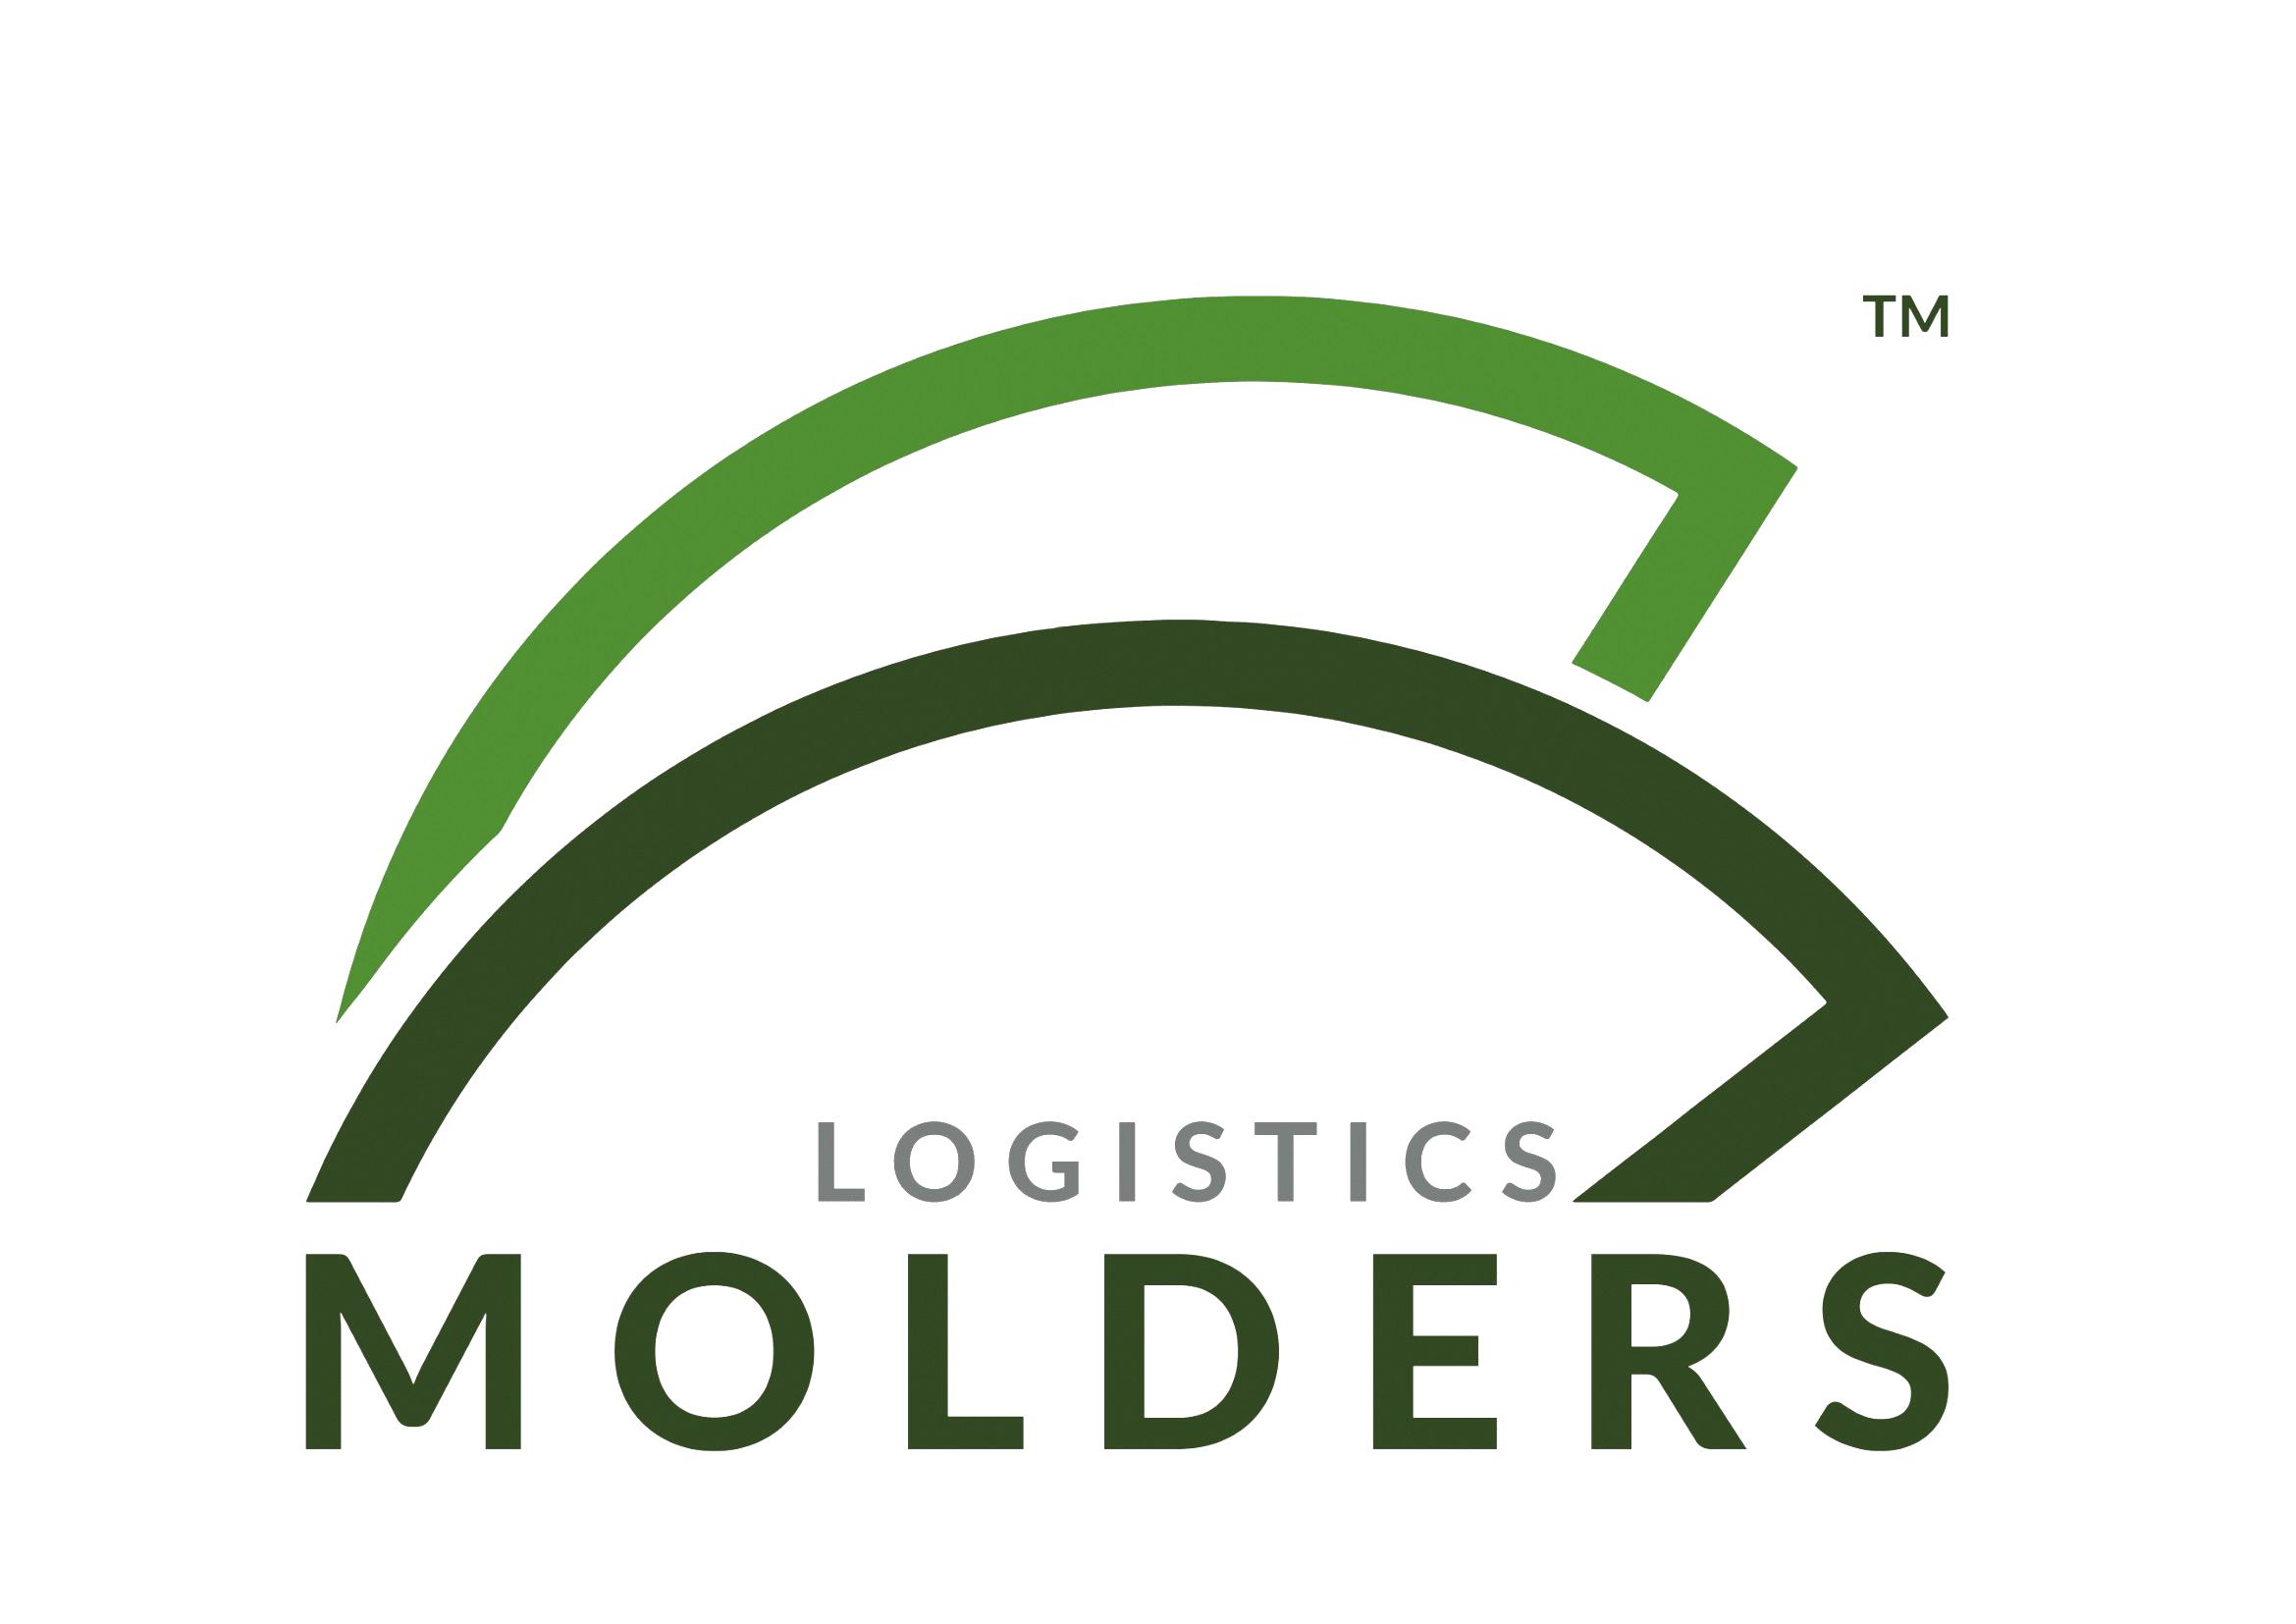 Molders - Logistics Limited